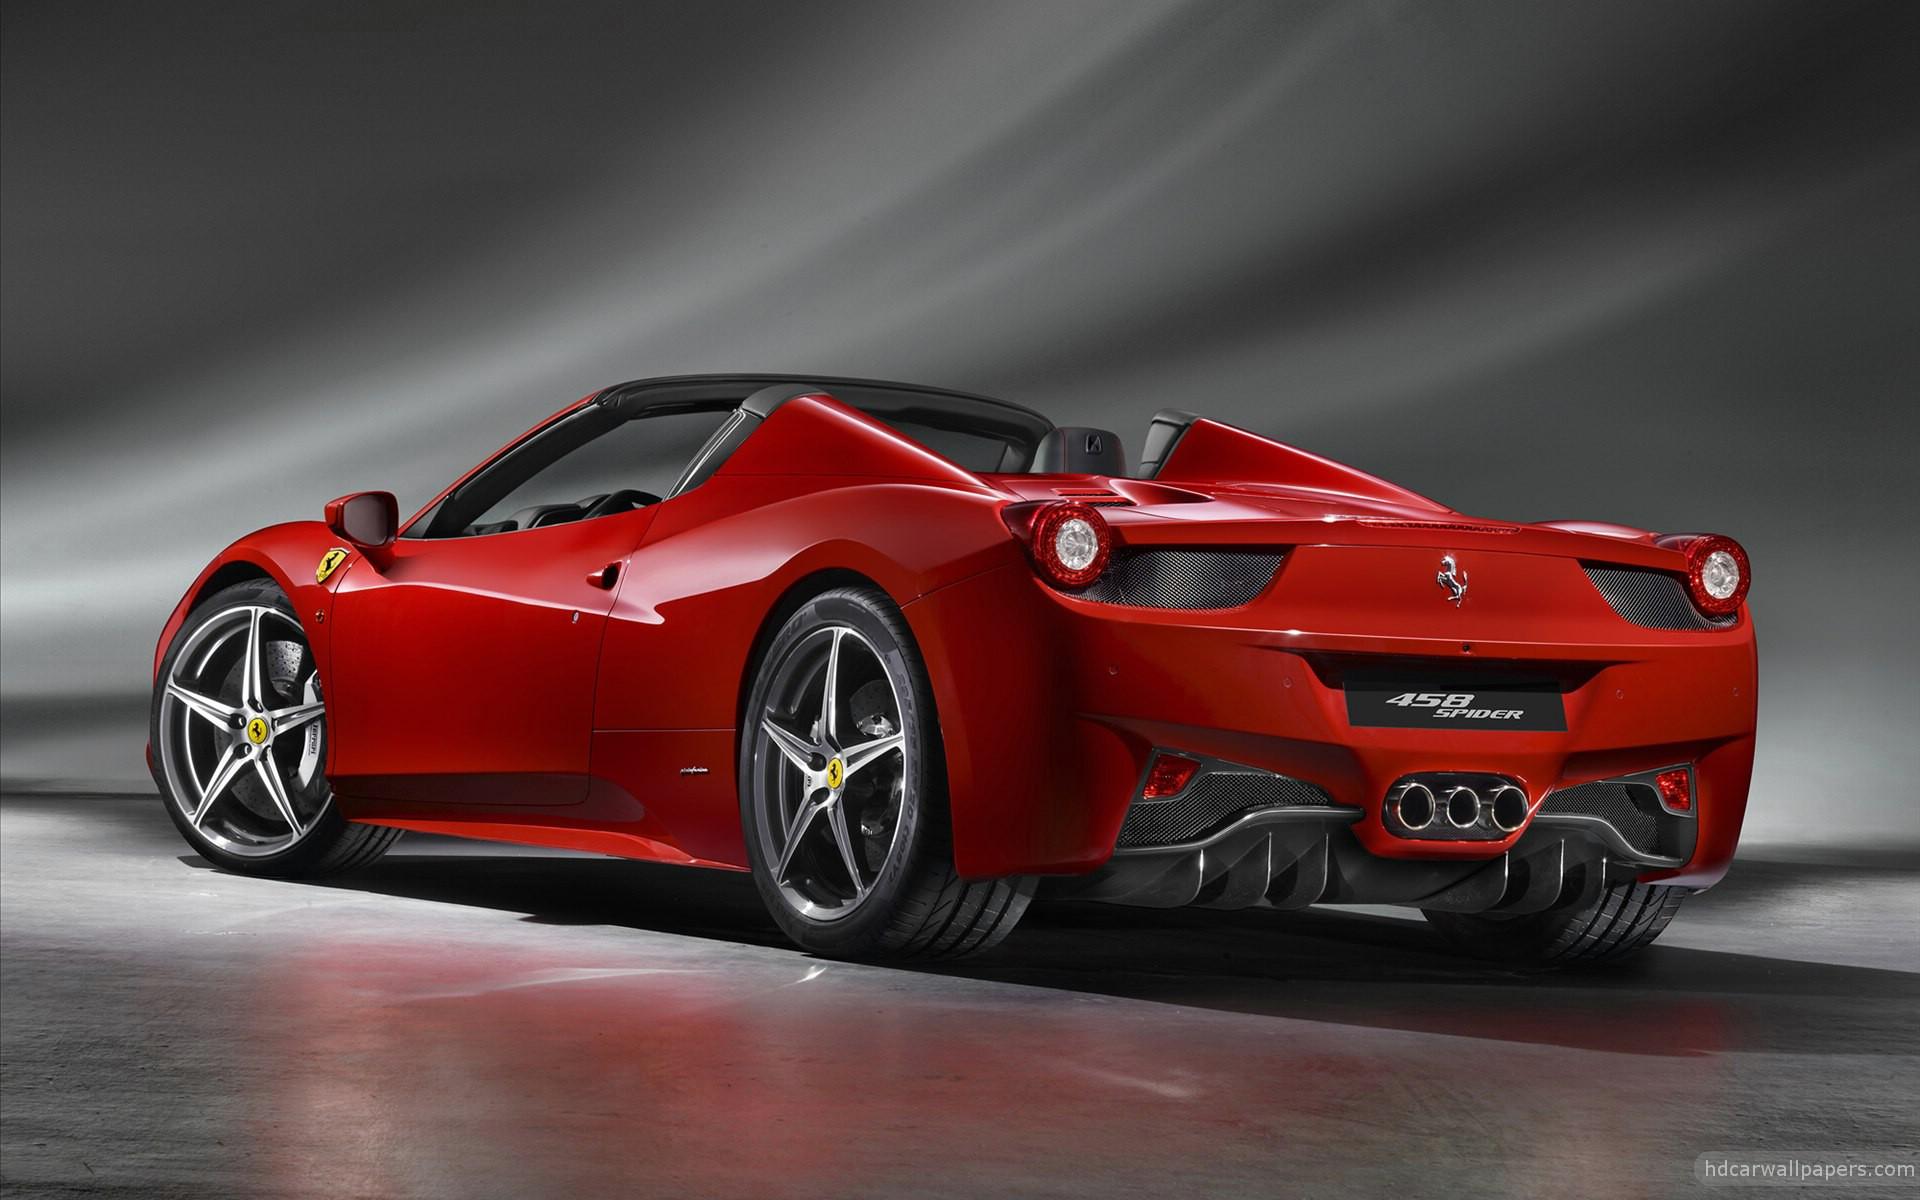 2012 Ferrari 458 Spider 2 Wallpaper Hd Car Wallpapers